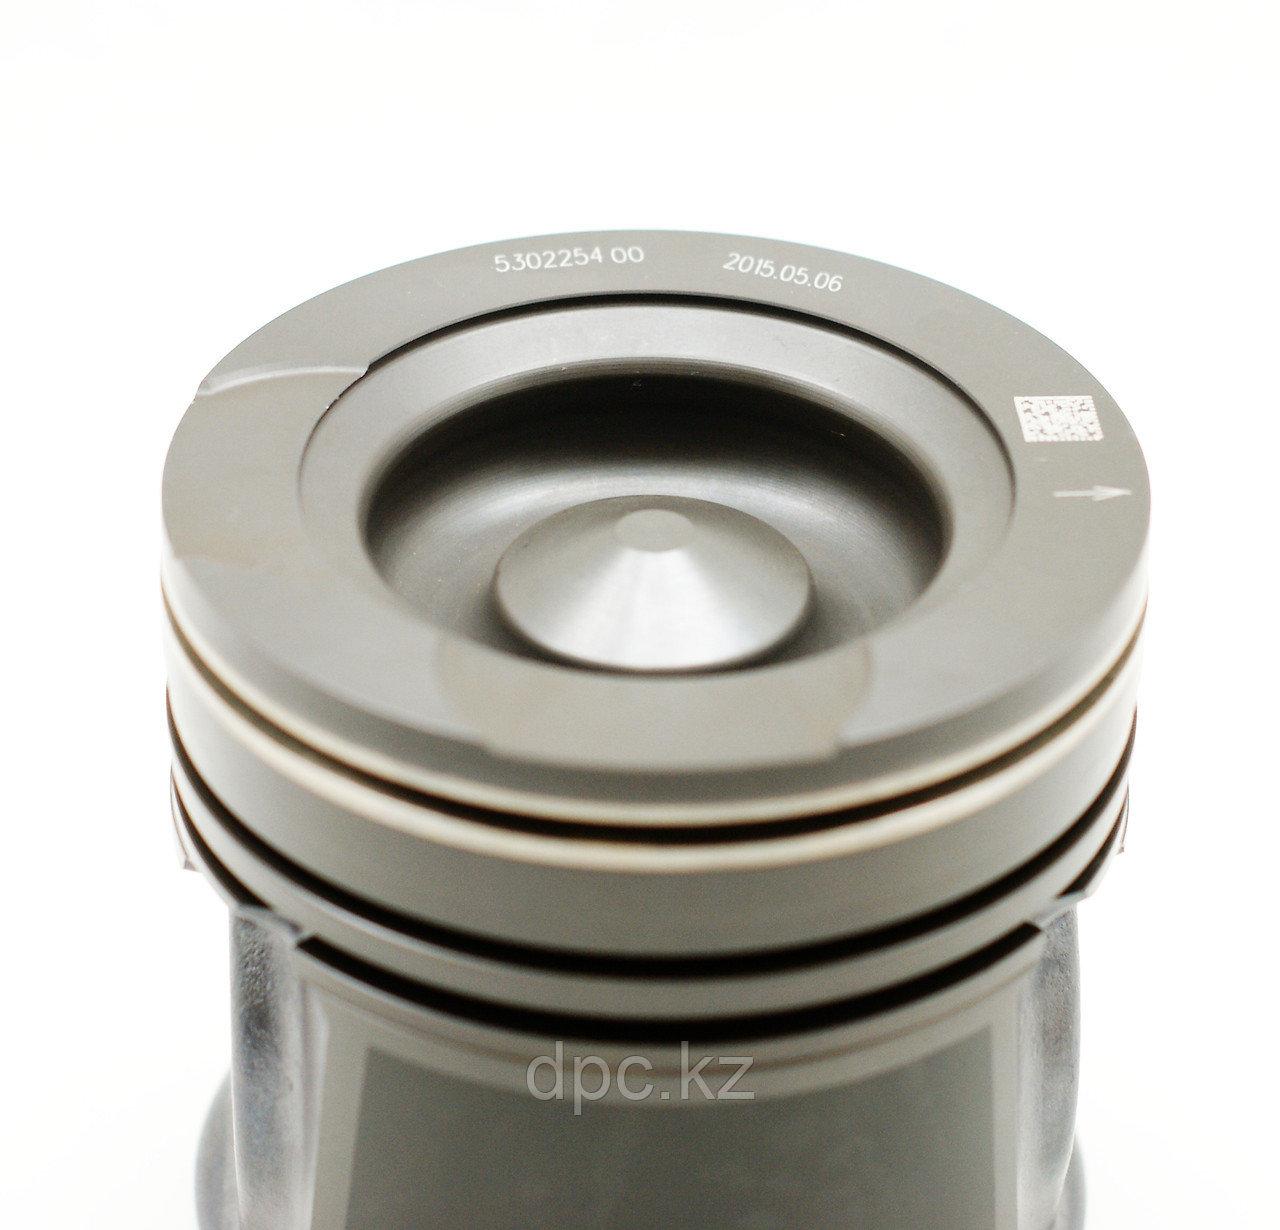 Поршень двигателя Cummins ISLe 5255218 5302254